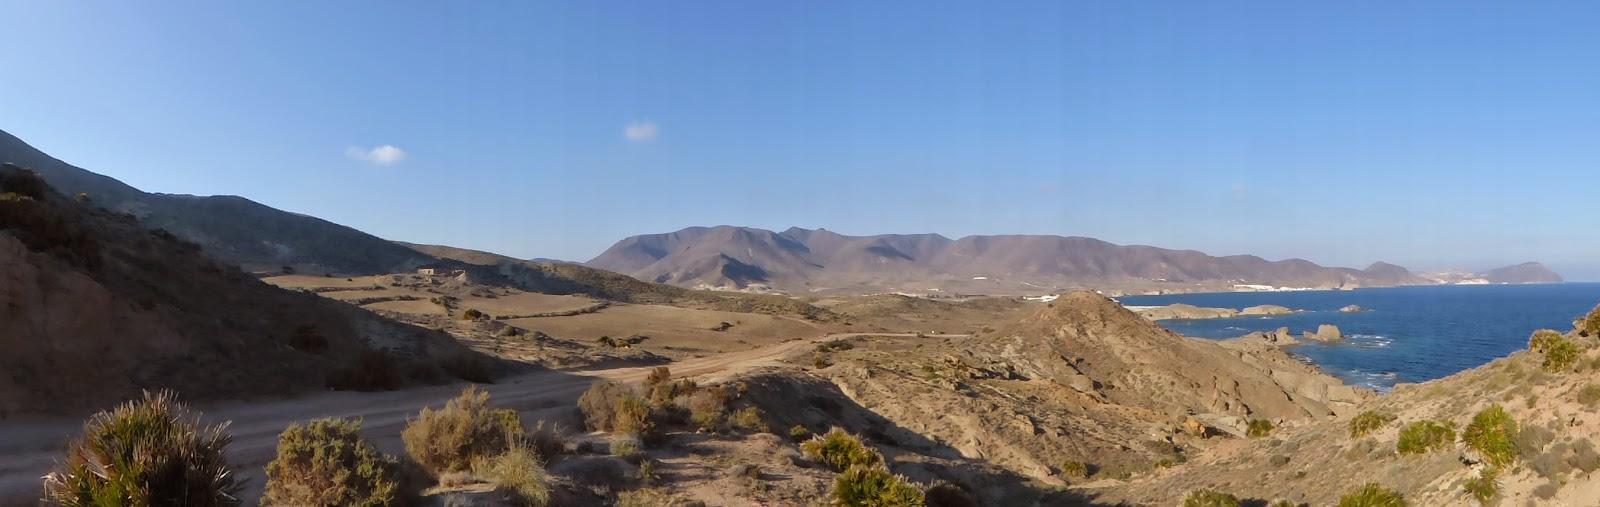 Los Escullos, Cabo de Gata